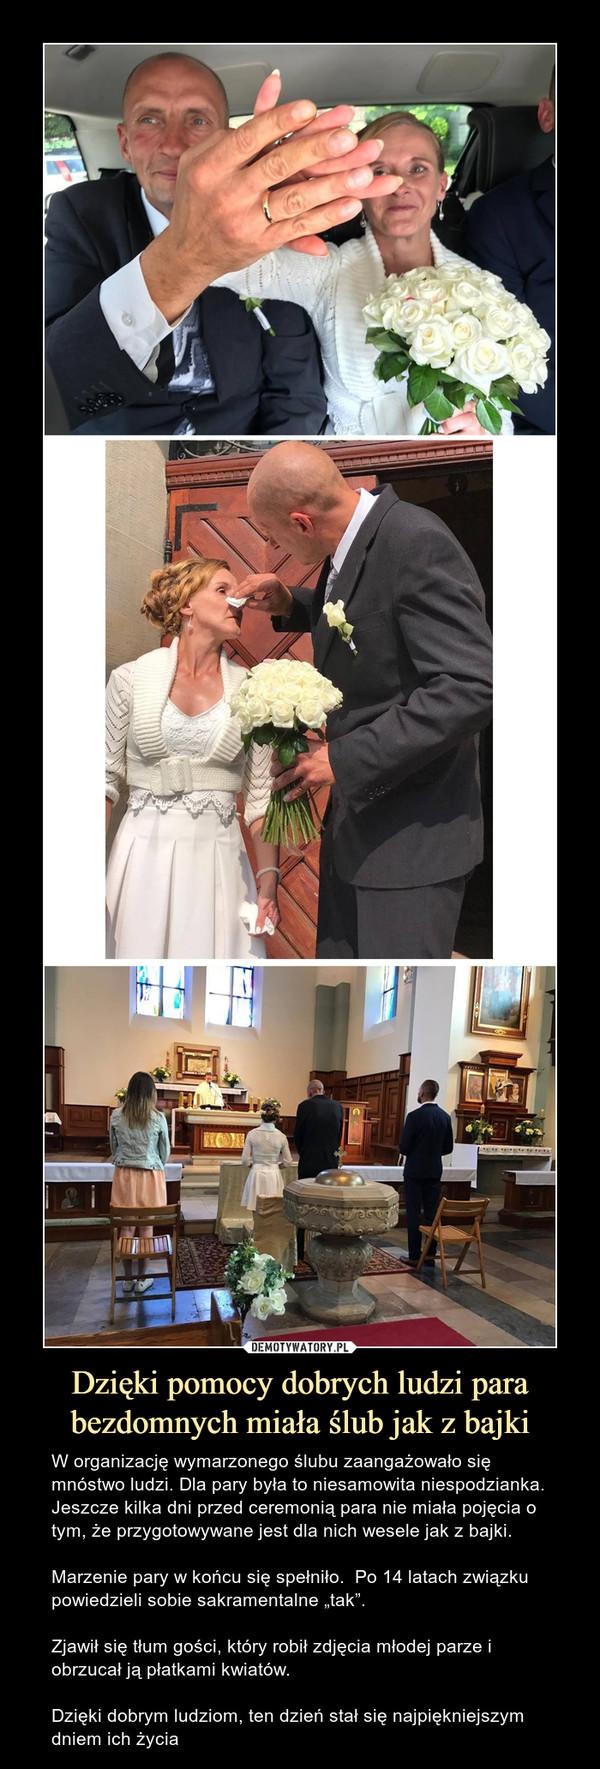 """Dzięki pomocy dobrych ludzi para bezdomnych miała ślub jak z bajki – W organizację wymarzonego ślubu zaangażowało się mnóstwo ludzi. Dla pary była to niesamowita niespodzianka. Jeszcze kilka dni przed ceremonią para nie miała pojęcia o tym, że przygotowywane jest dla nich wesele jak z bajki.Marzenie pary w końcu się spełniło.  Po 14 latach związku powiedzieli sobie sakramentalne """"tak"""".Zjawił się tłum gości, który robił zdjęcia młodej parze i obrzucał ją płatkami kwiatów.Dzięki dobrym ludziom, ten dzień stał się najpiękniejszym dniem ich życia"""